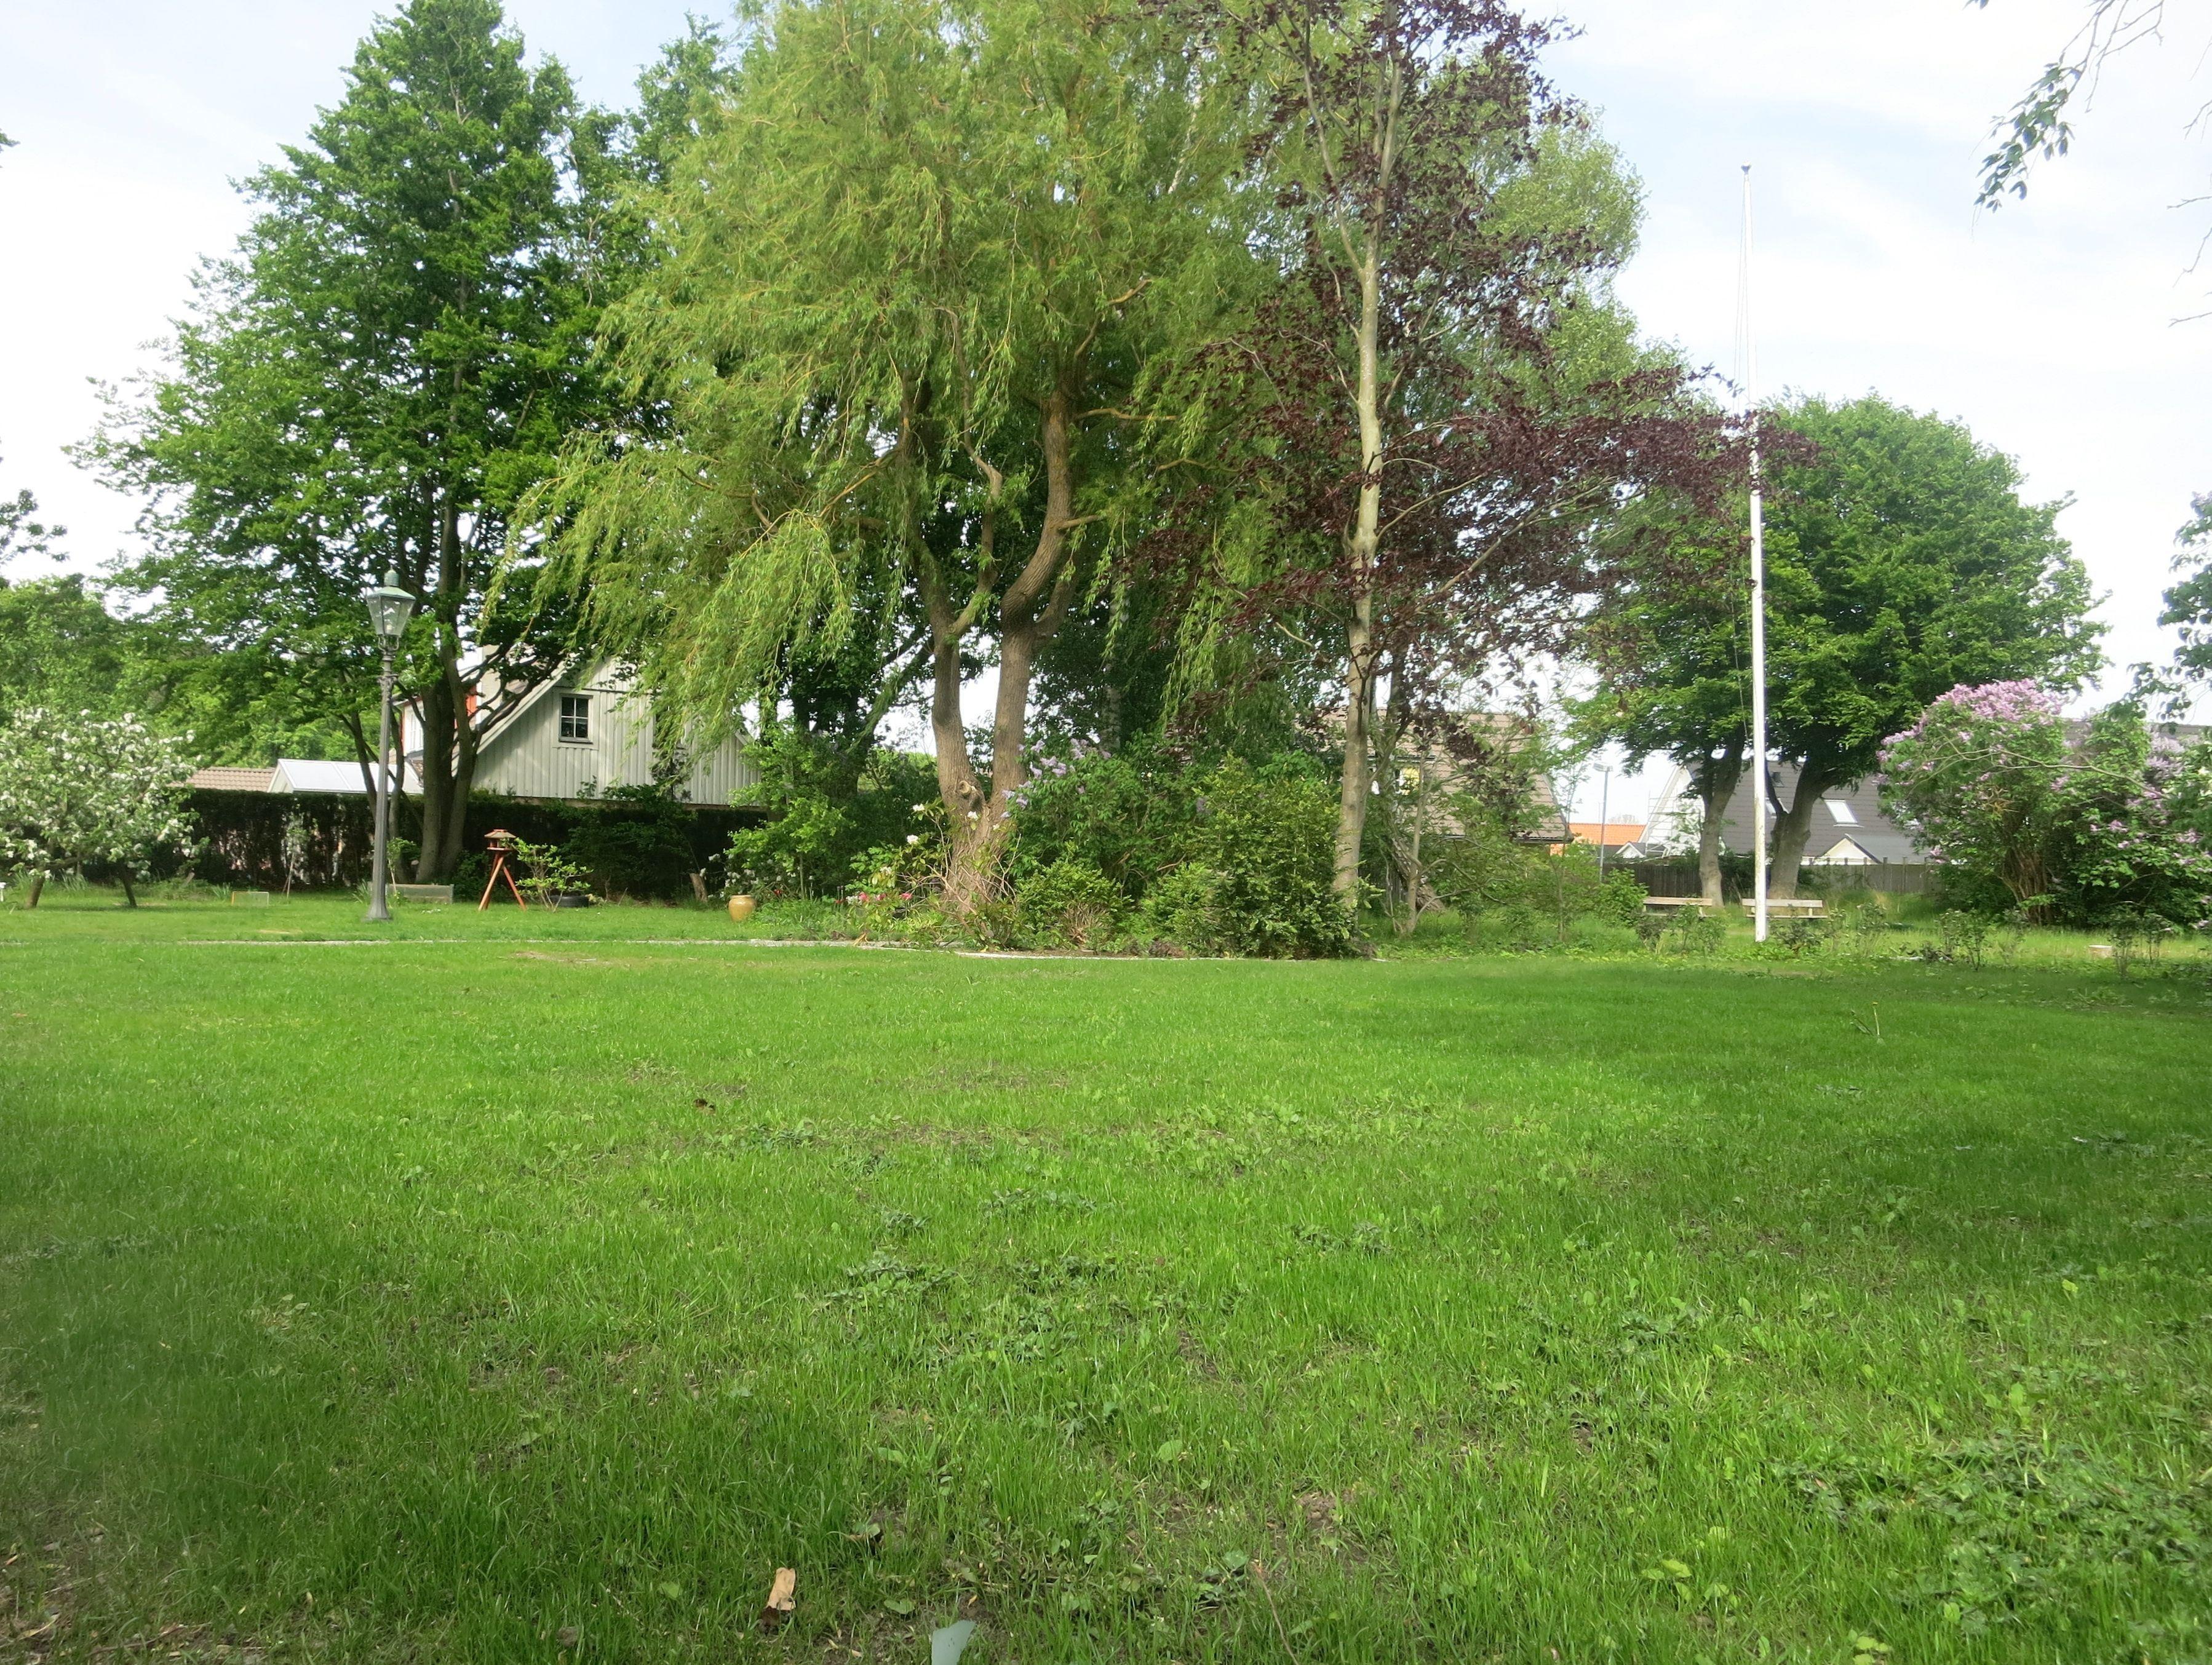 Hus på Svanebäcks gård i Viken